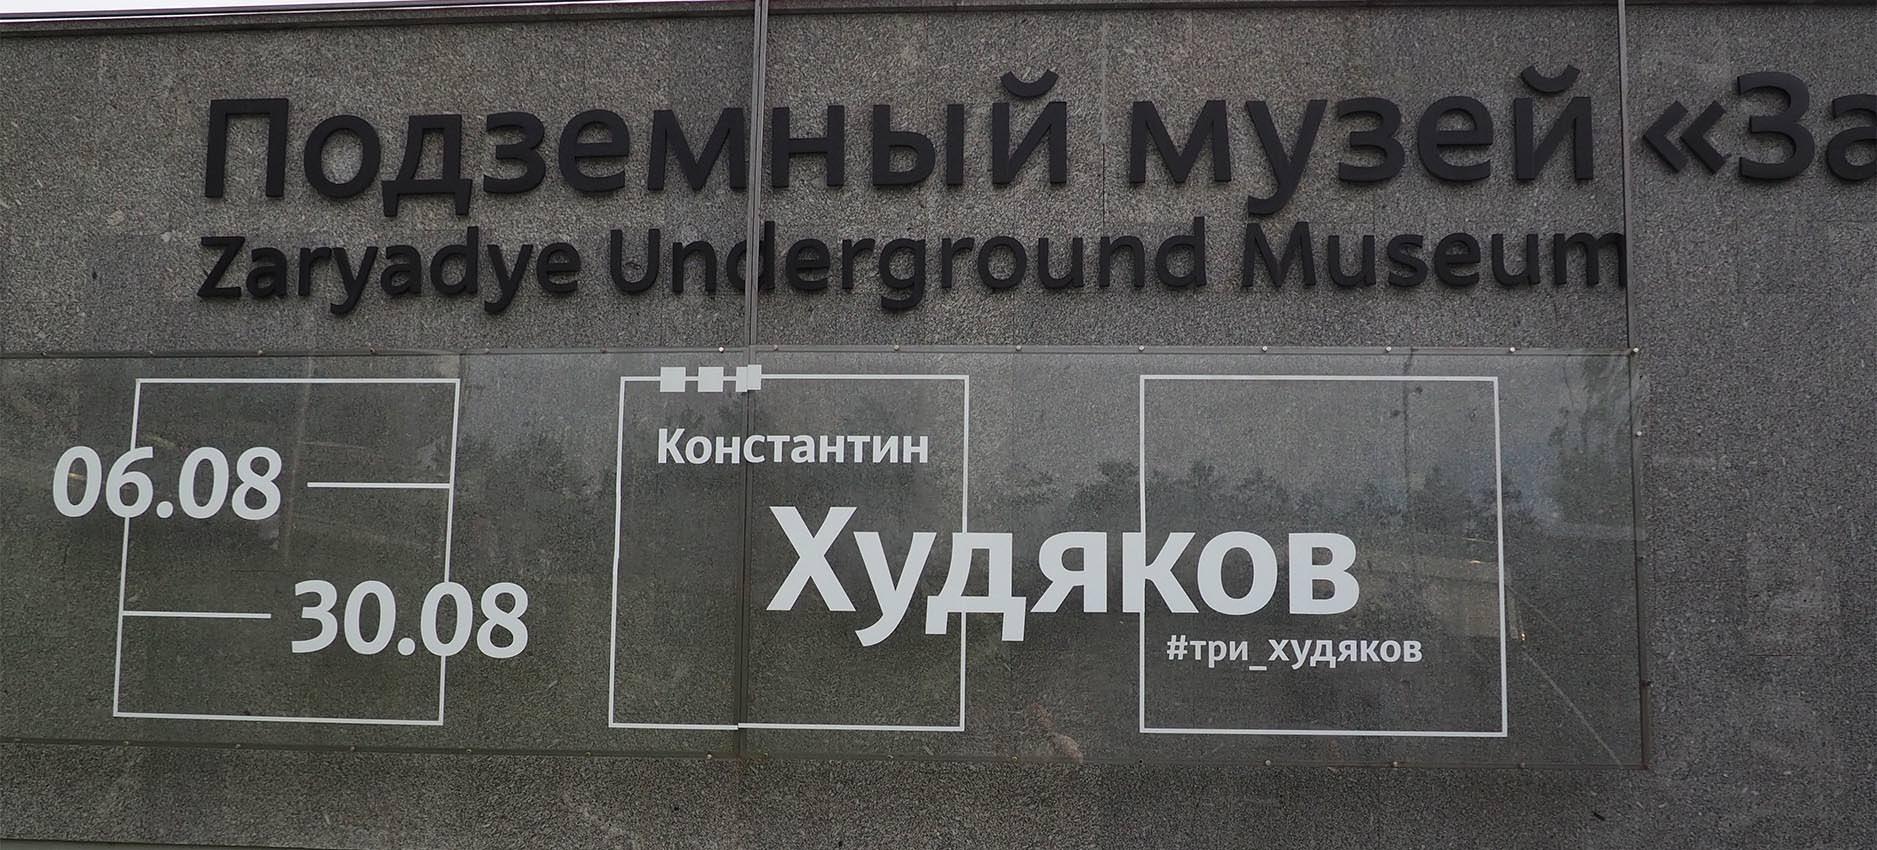 Игорь Дрёмин: Выставка Константина Худякова в подземном музее парка Зарядье